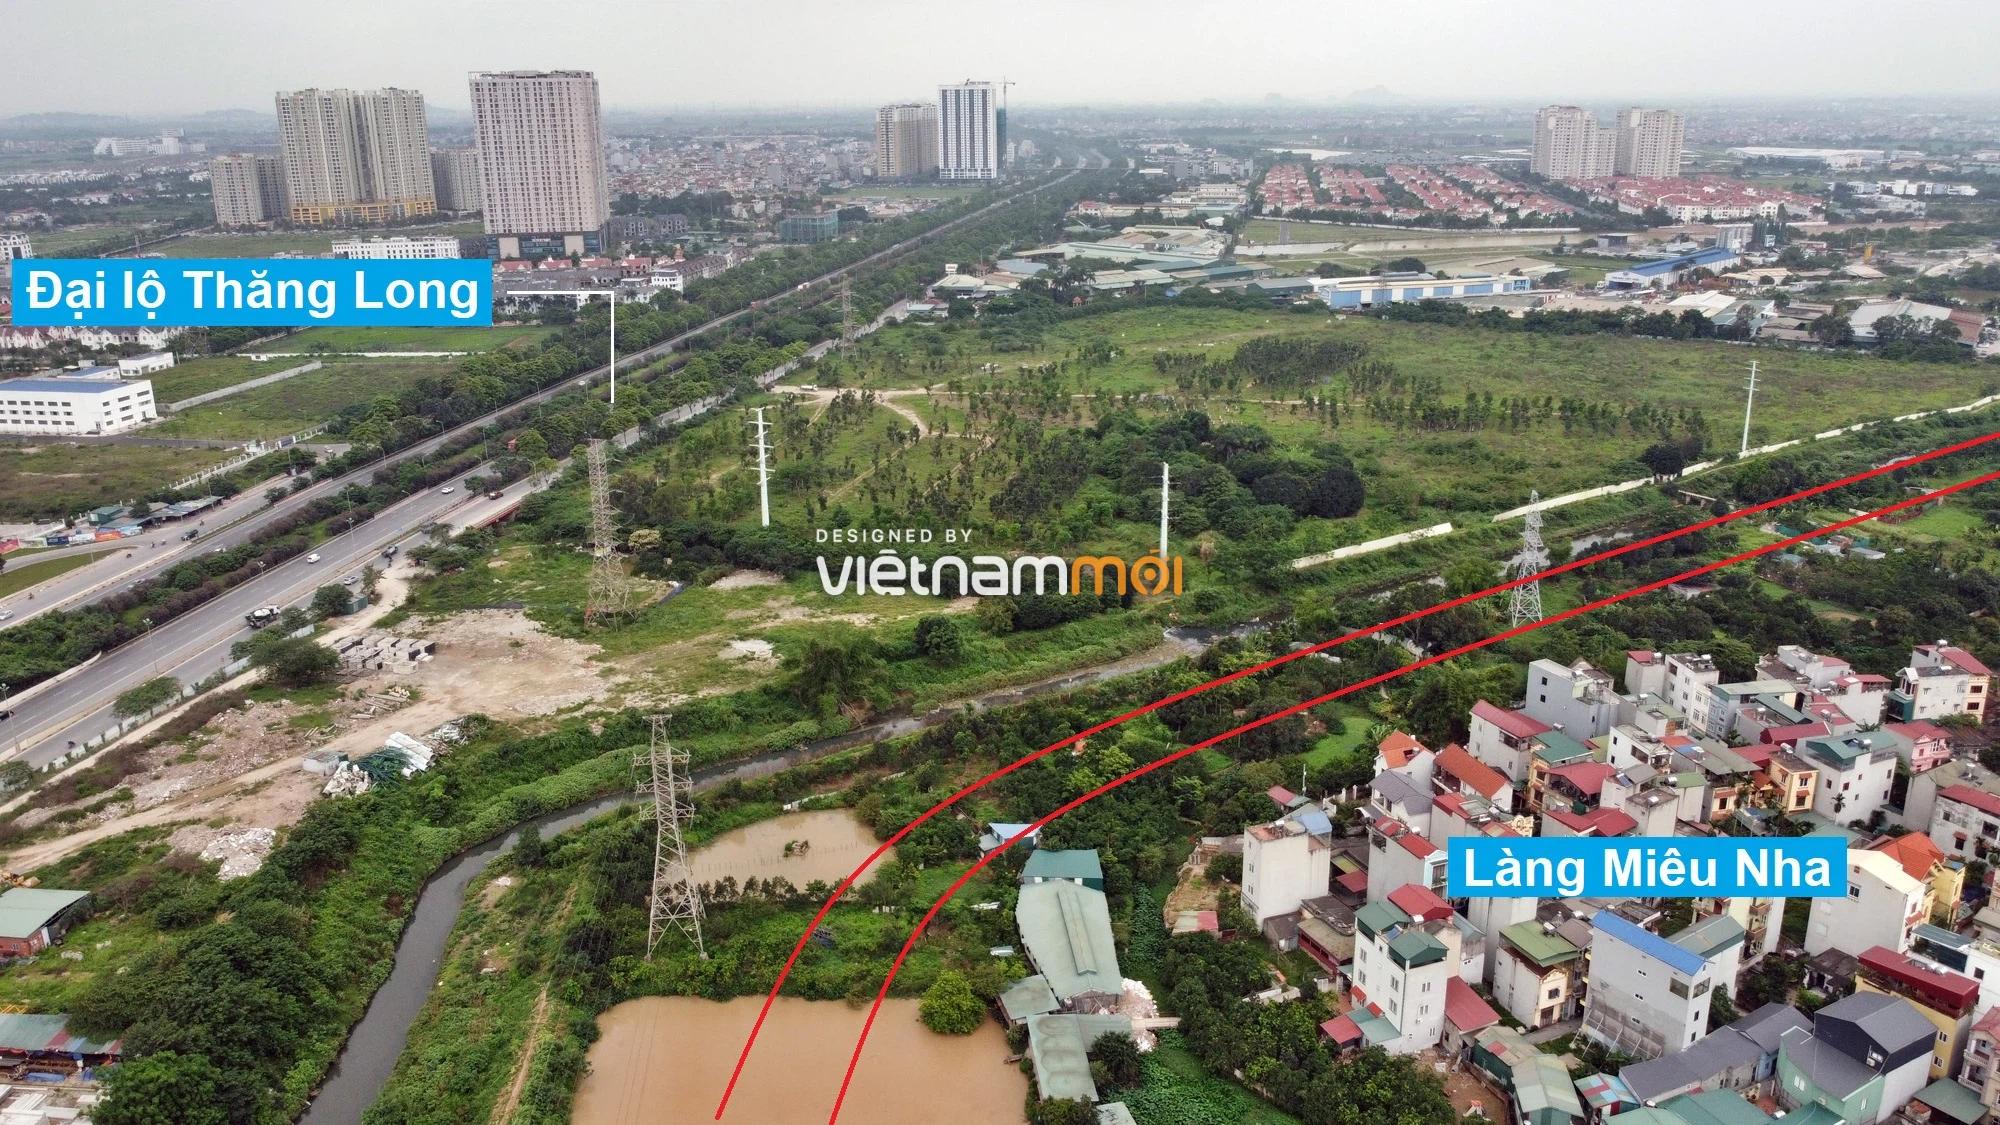 Những khu đất sắp thu hồi để mở đường ở phường Tây Mỗ, Nam Từ Liêm, Hà Nội (phần 6) - Ảnh 5.